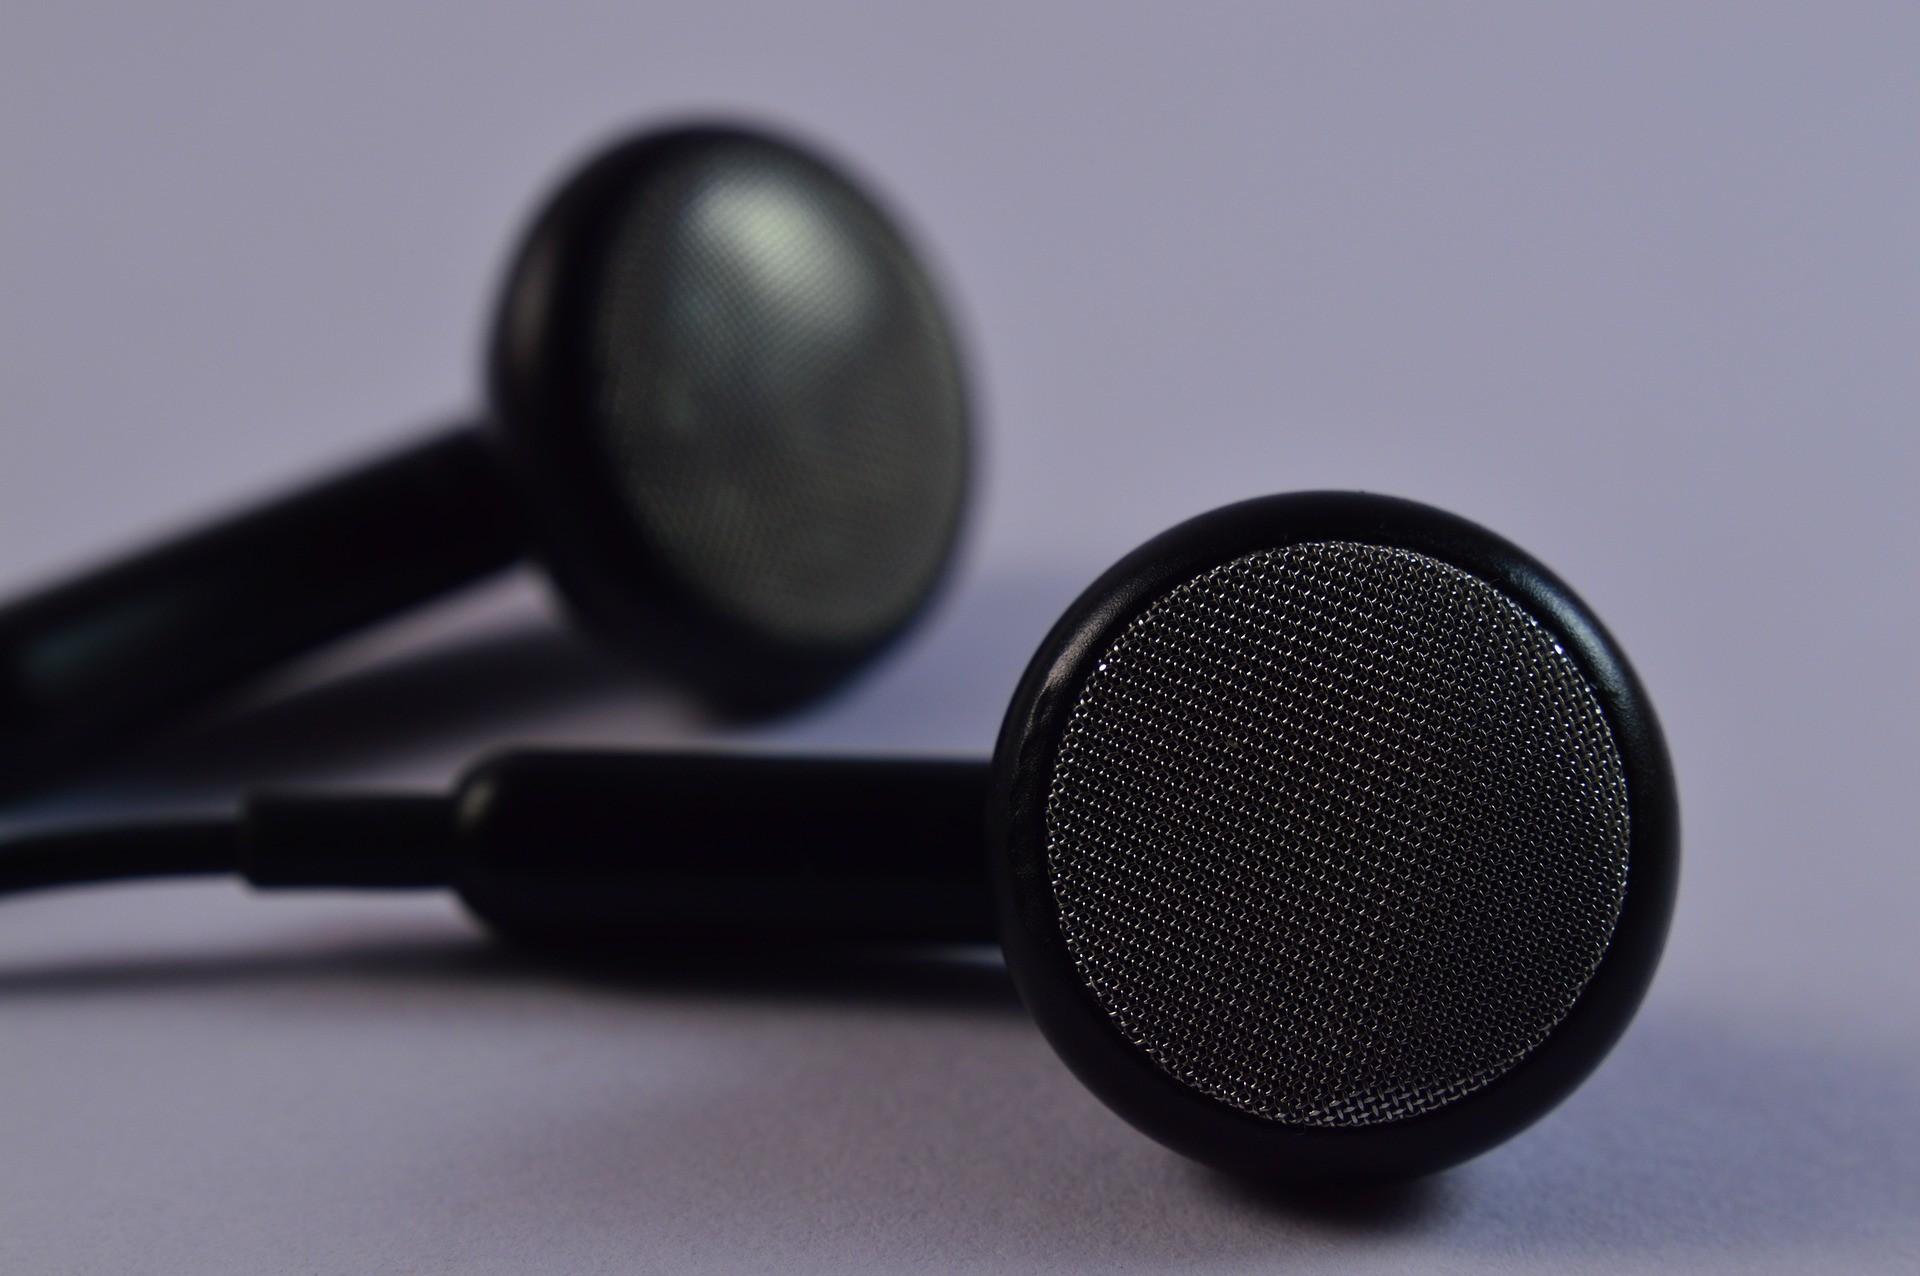 O que esperar de fones de ouvido simples e baratos? Você pode se surpreender (Foto: Creative Commons)